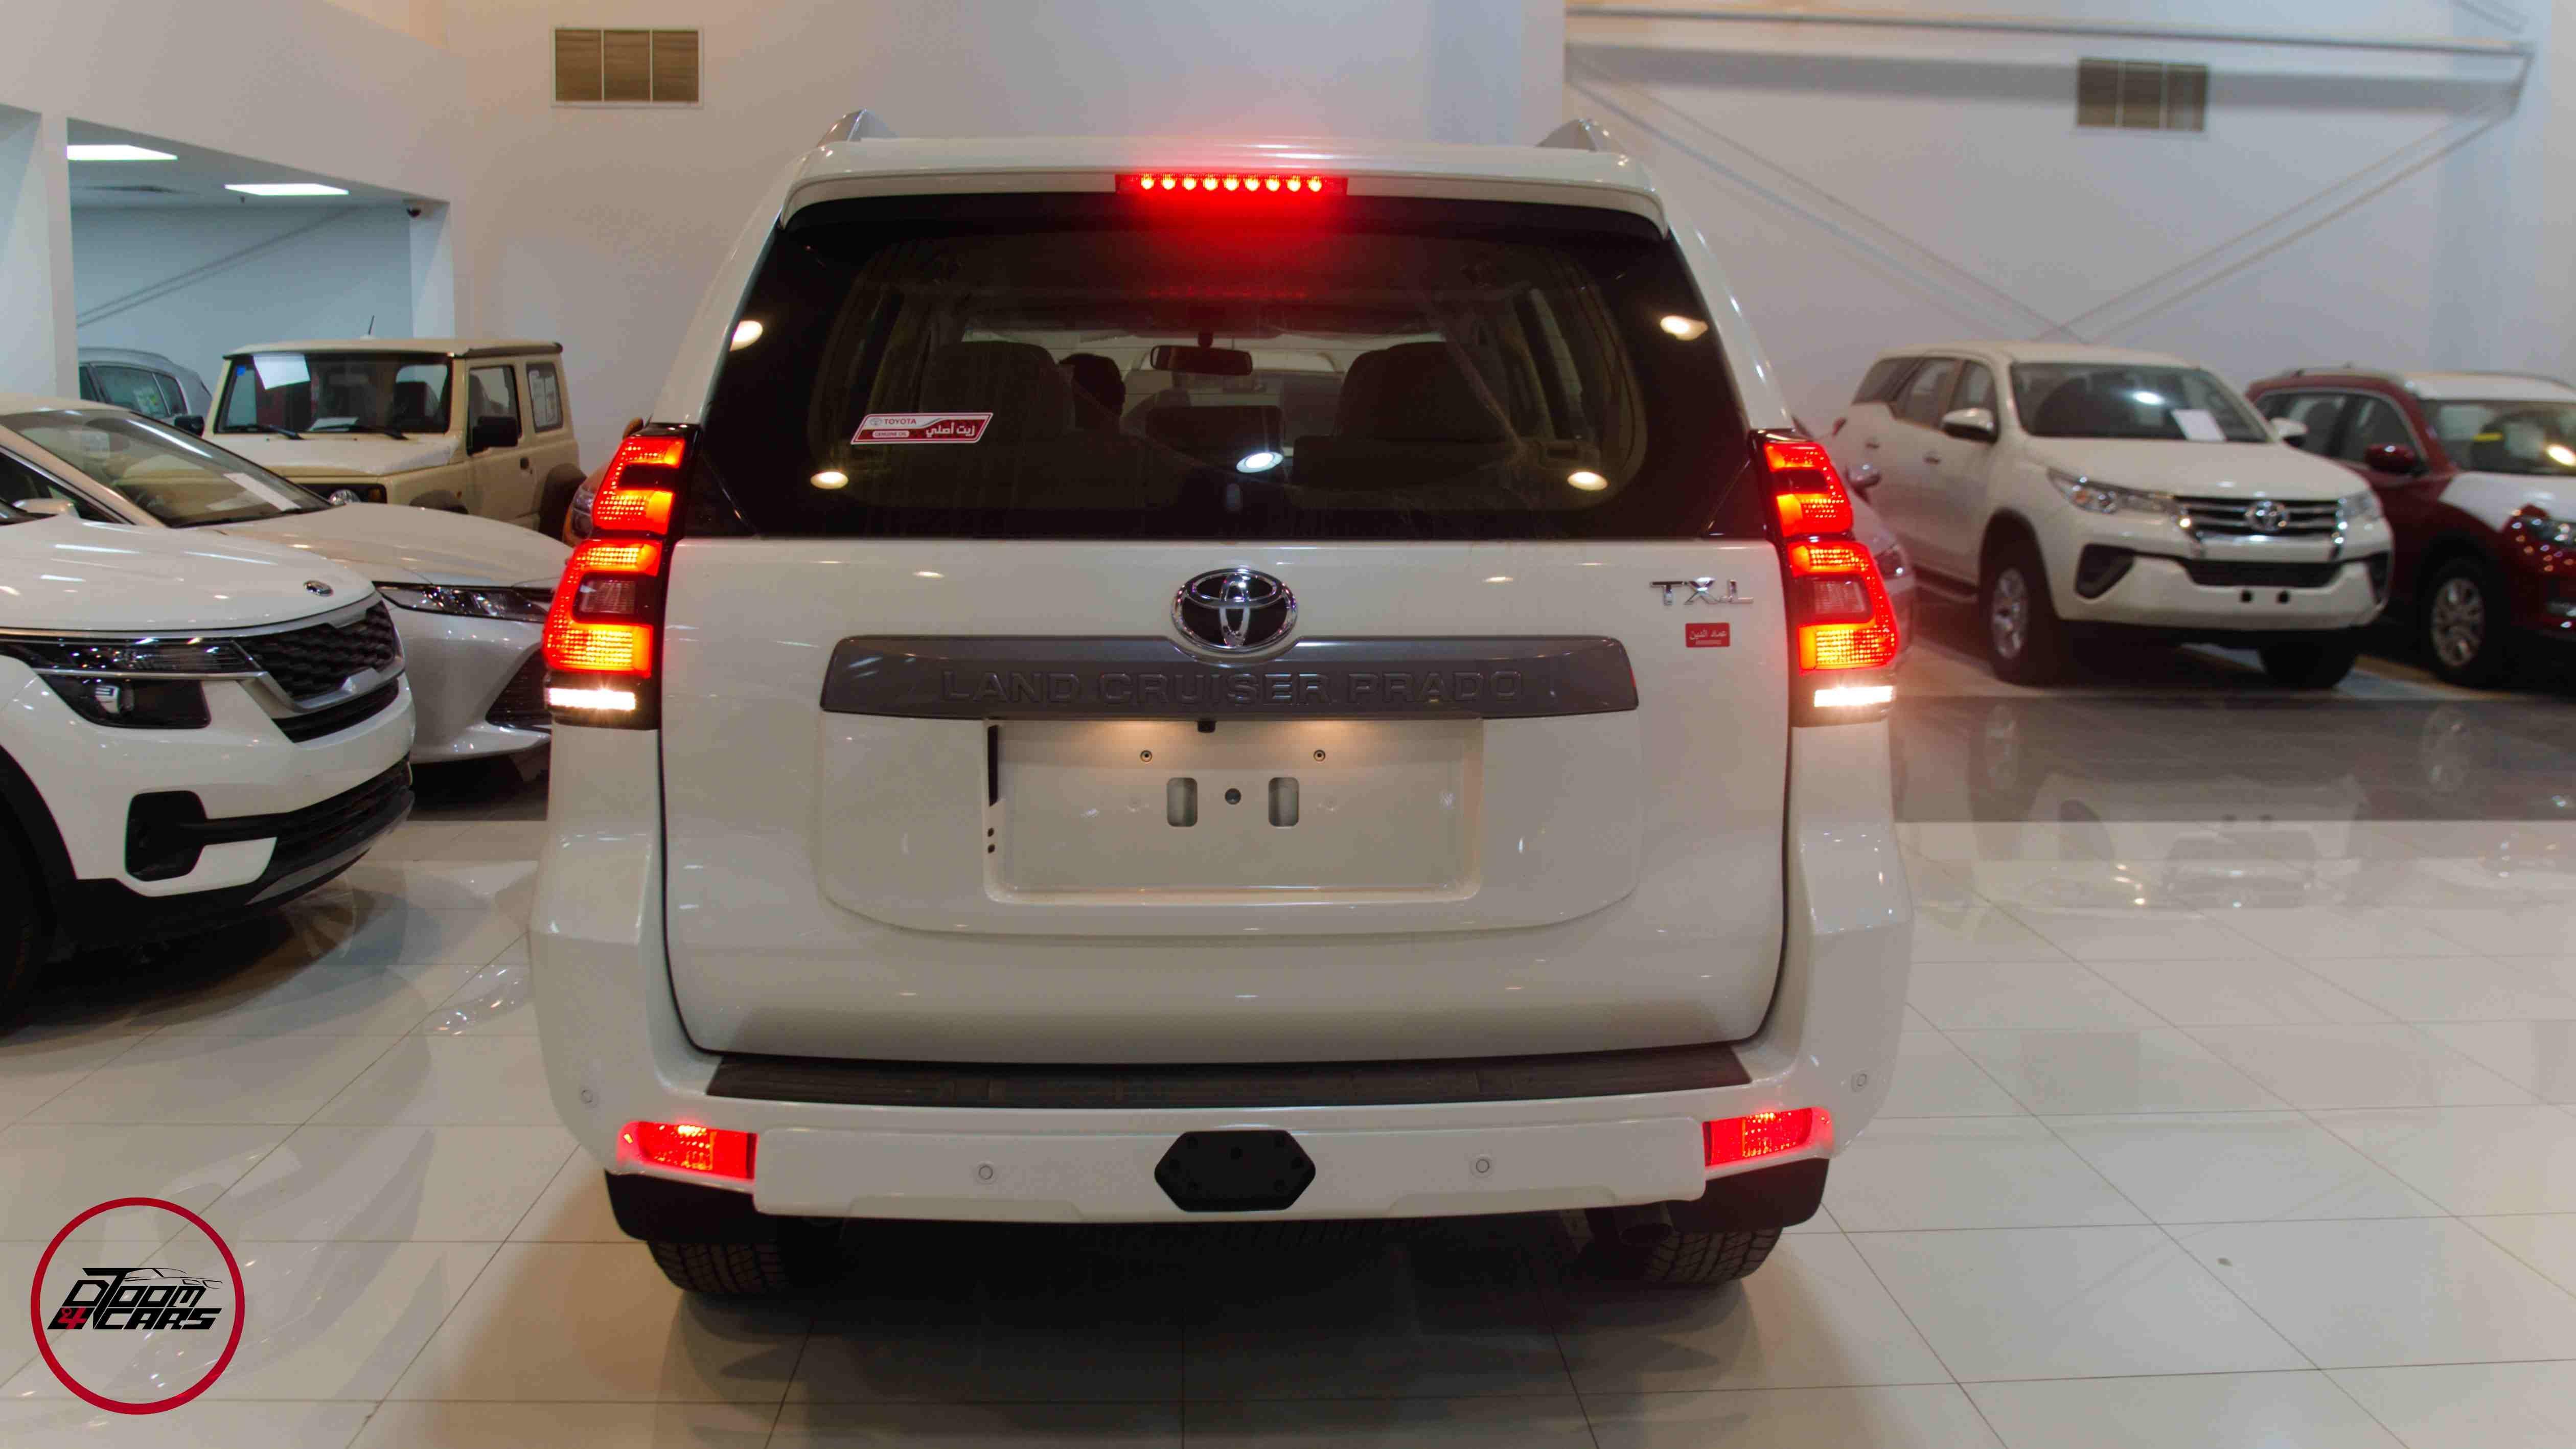 تويوتا  برادو  2021   TXL1   بنزين 6 سلندر   سعودي  للبيع في الرياض - السعودية - صورة كبيرة - 8